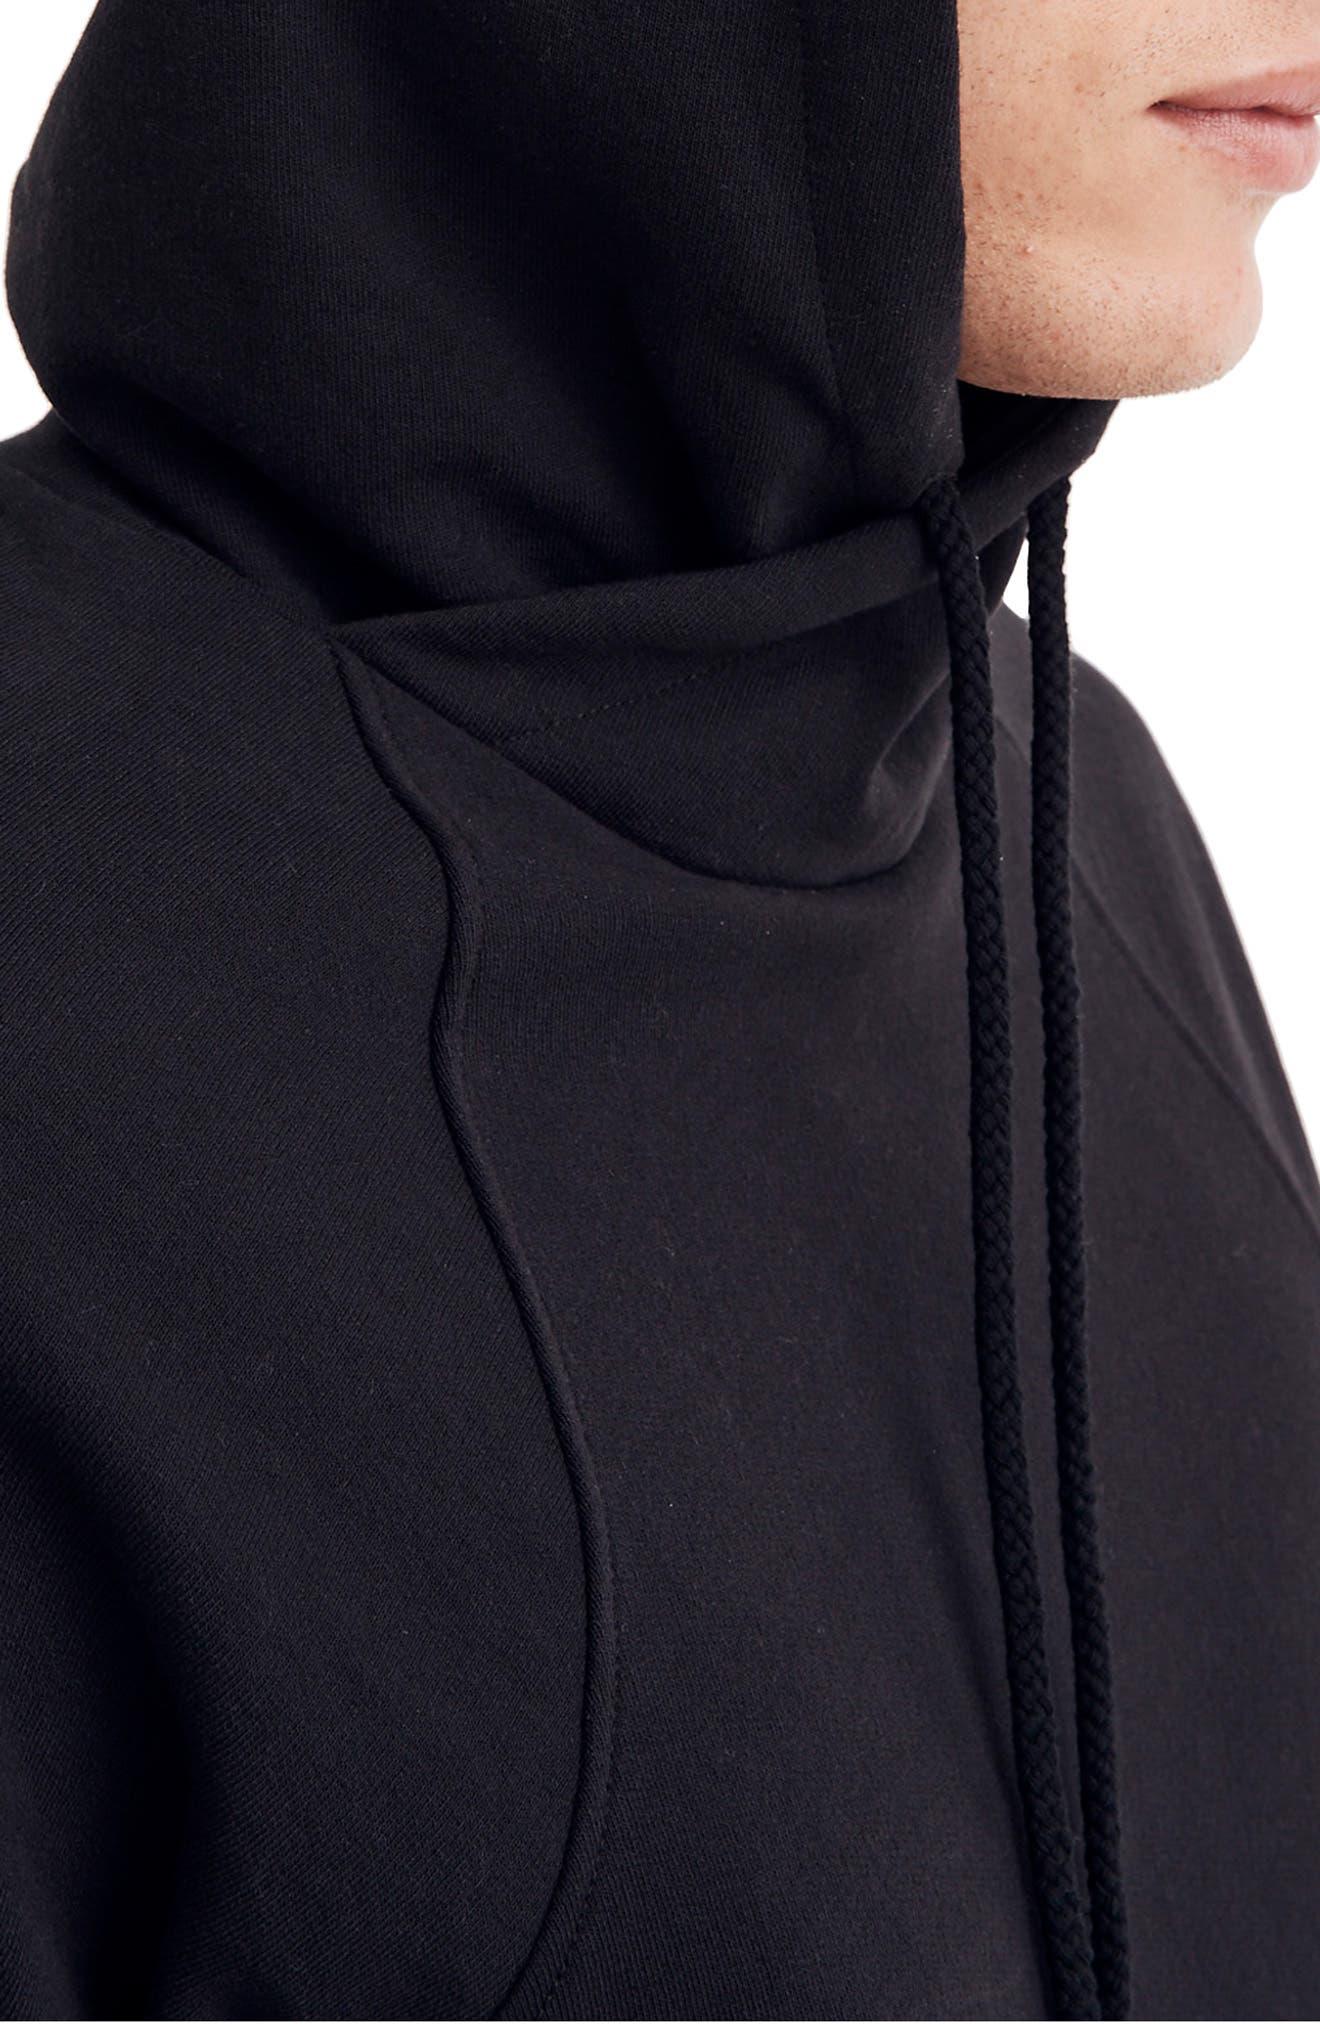 Cotton Hoodie,                             Alternate thumbnail 3, color,                             BLACK